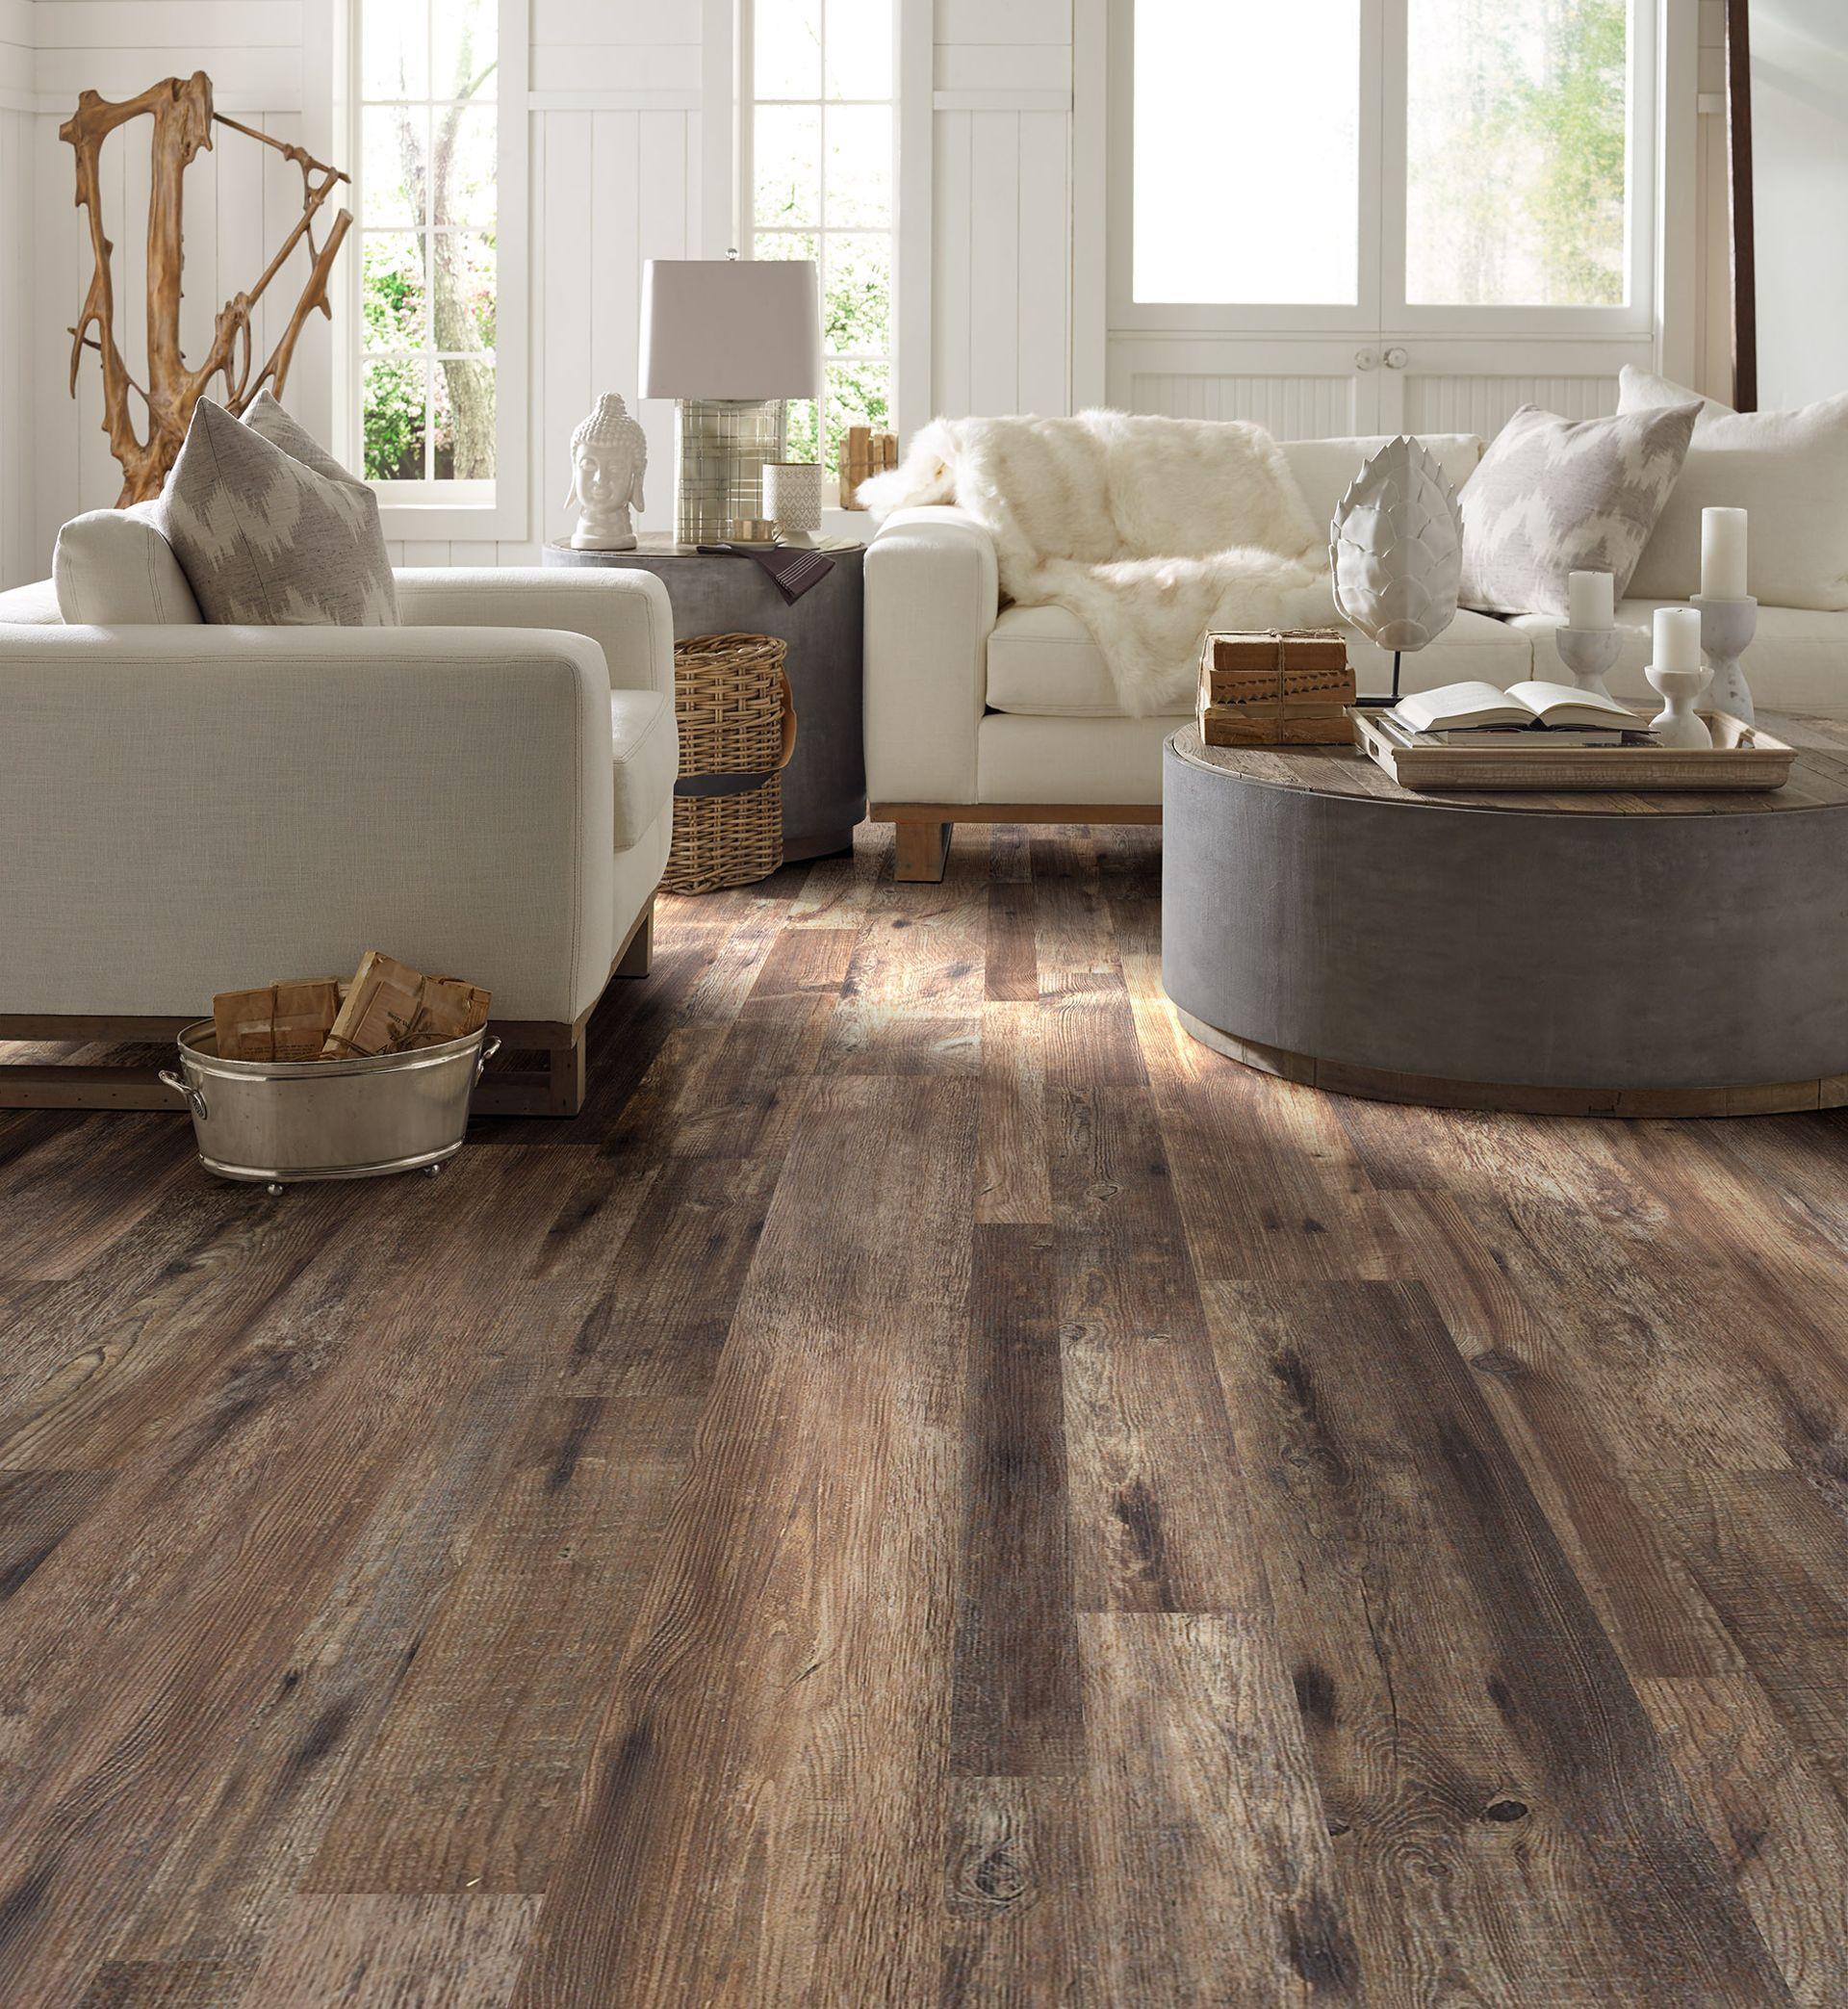 Resilient Vinyl Flooring Vinyl Plank Lvt Vinyl Plank Flooring House Flooring Luxury Vinyl Plank